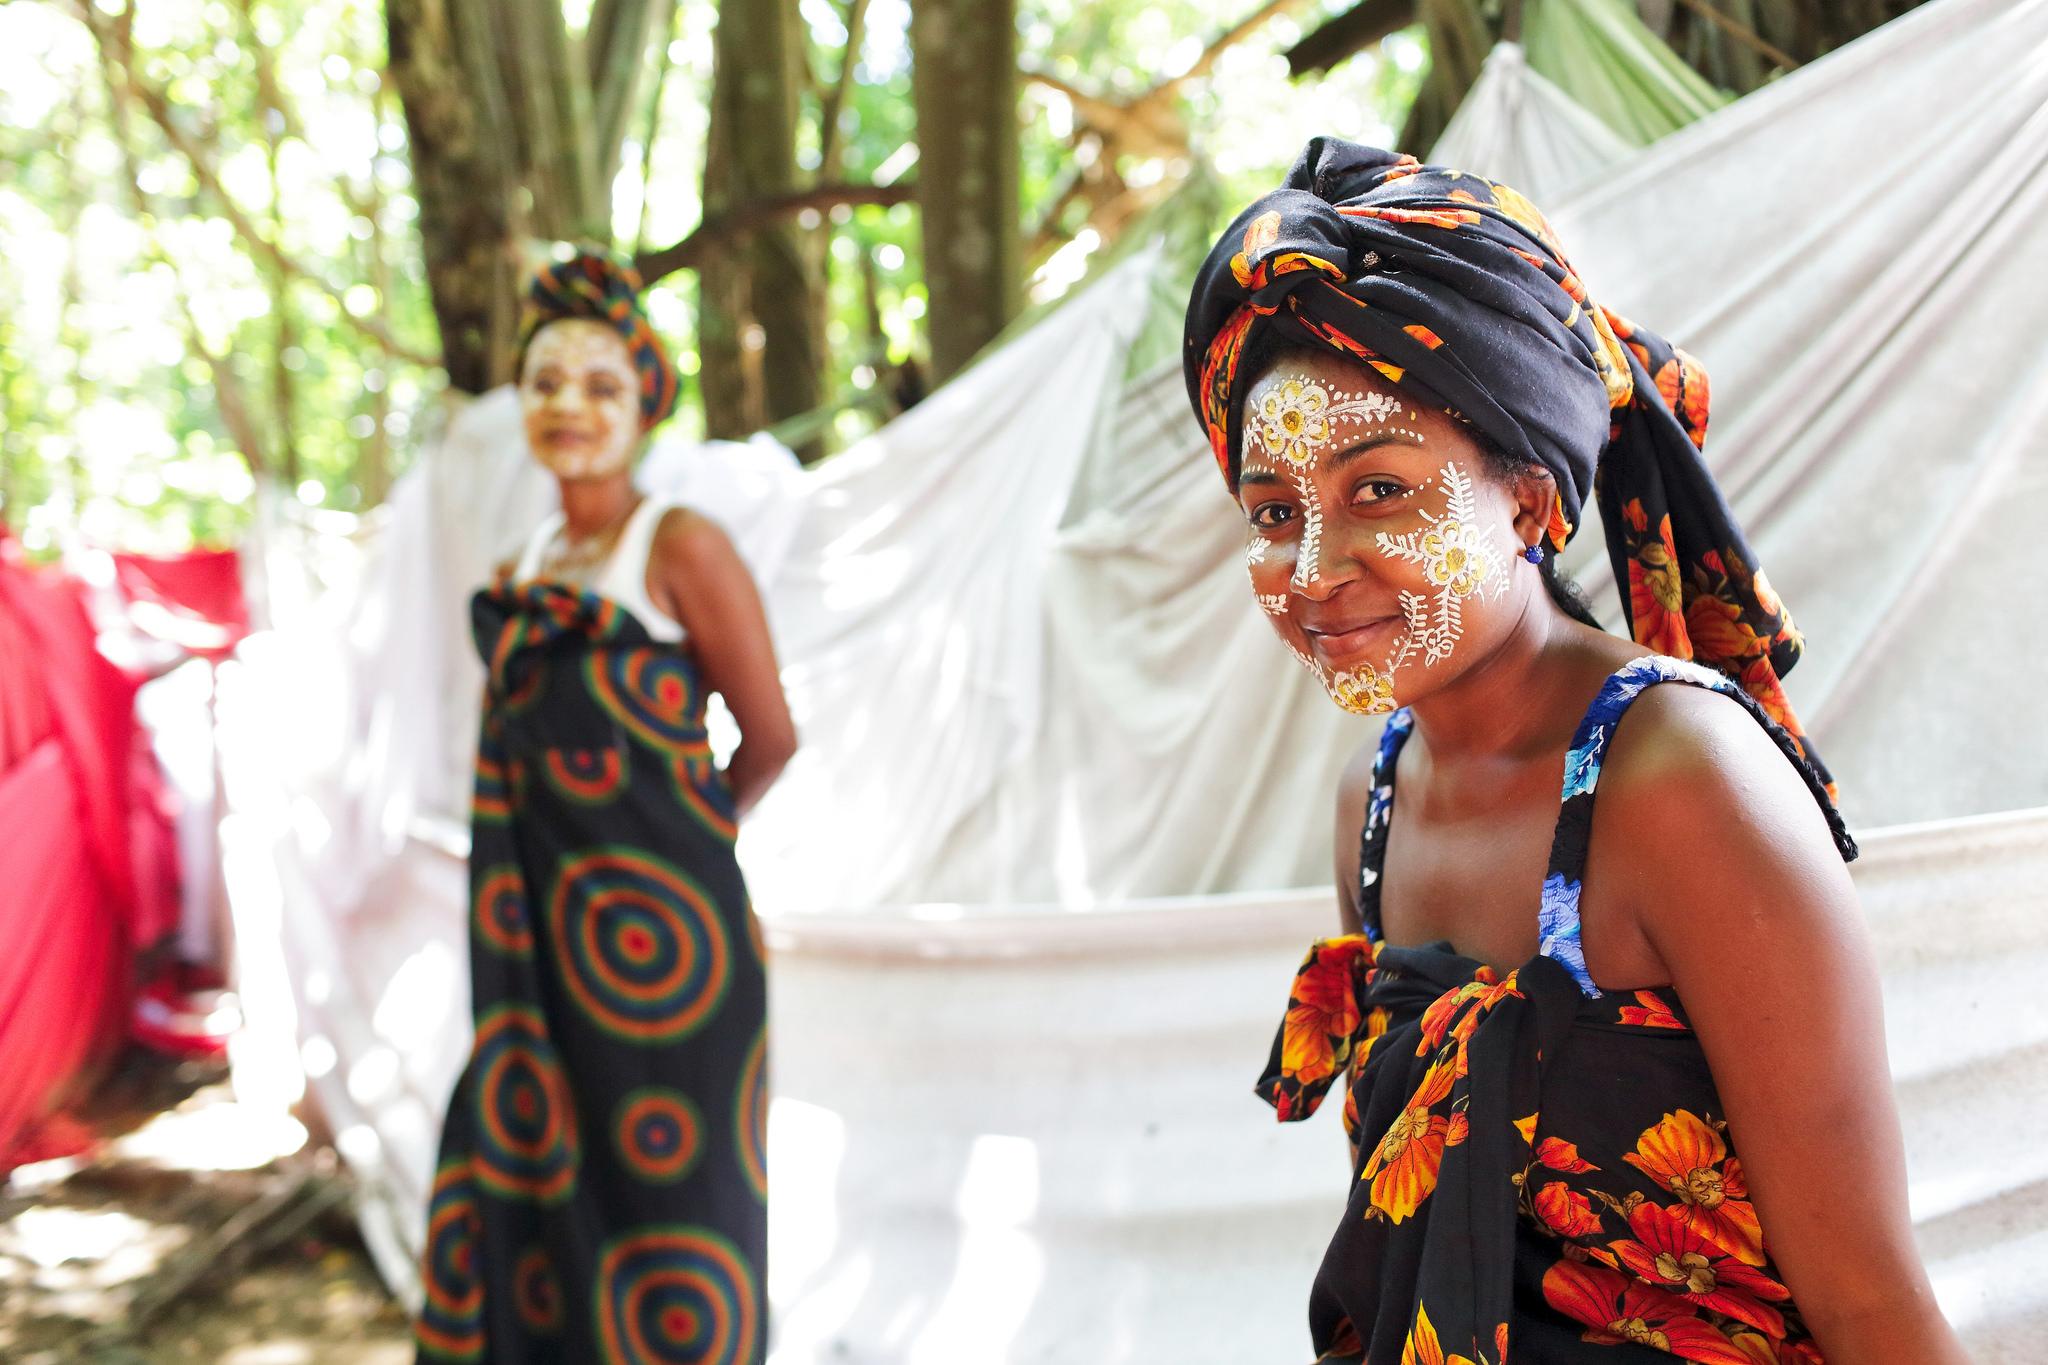 People and culture - Office Régional du Tourisme de Nosy Be